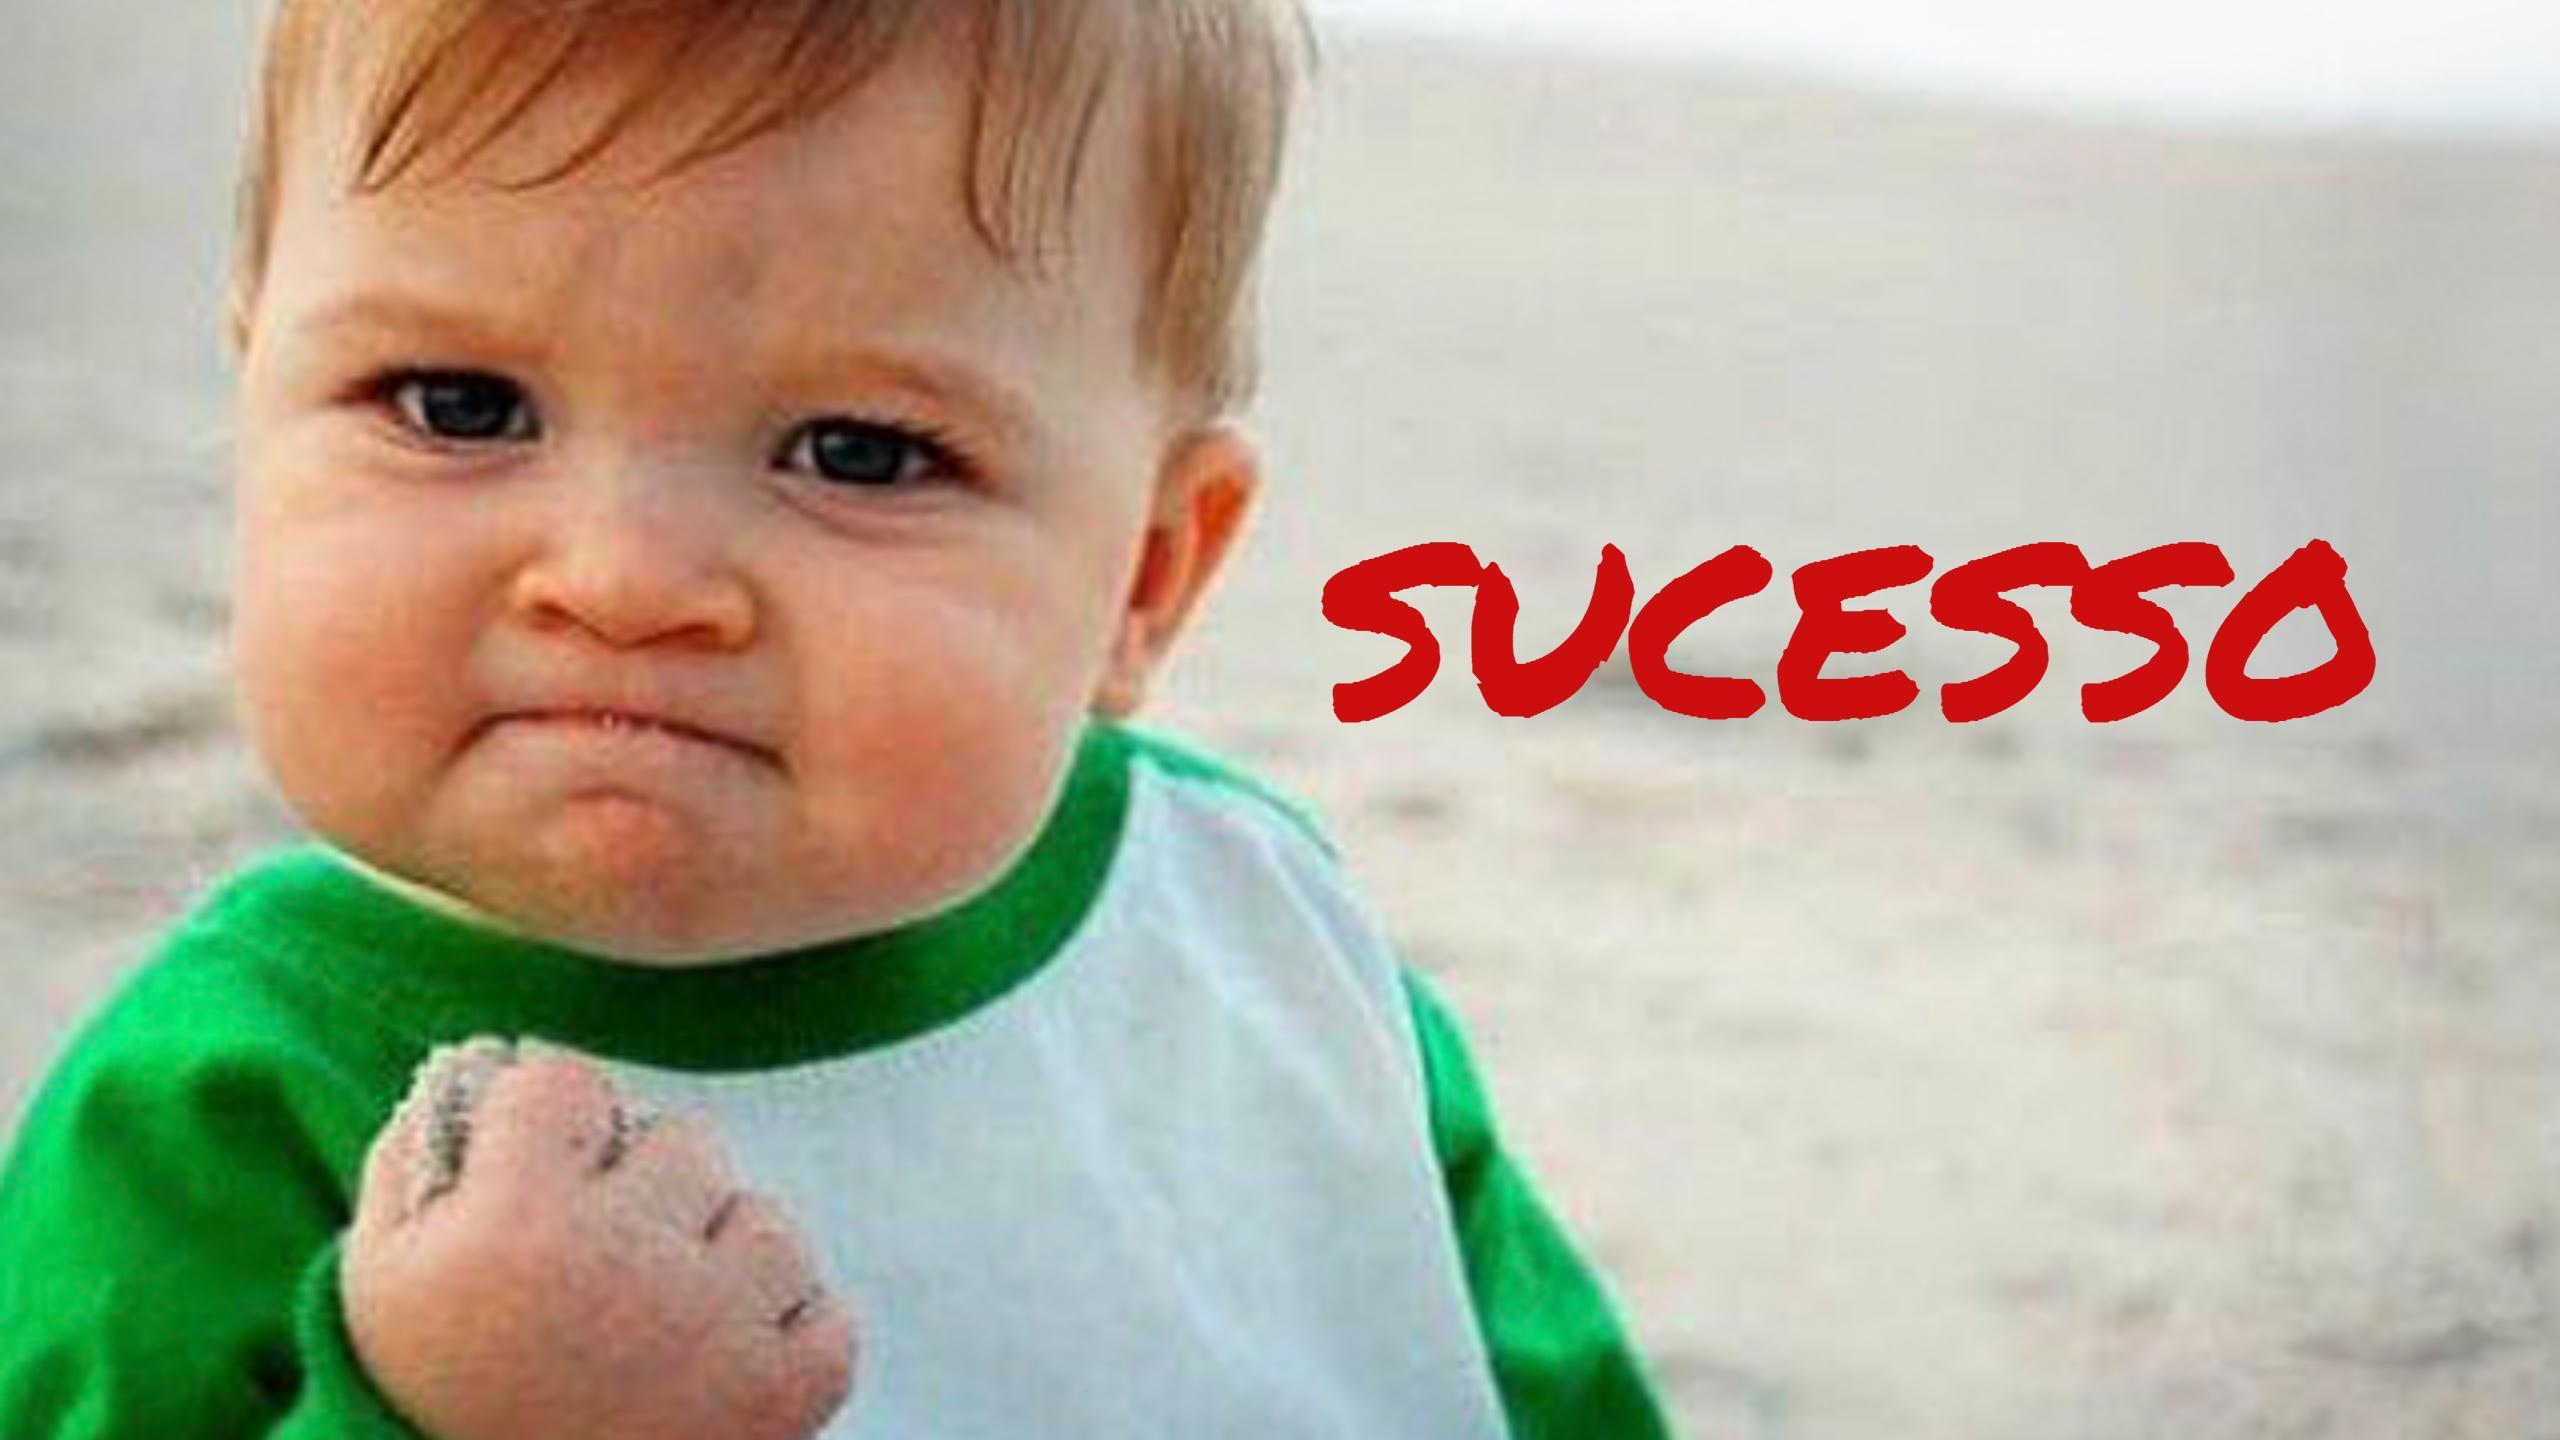 filosofia do sucesso